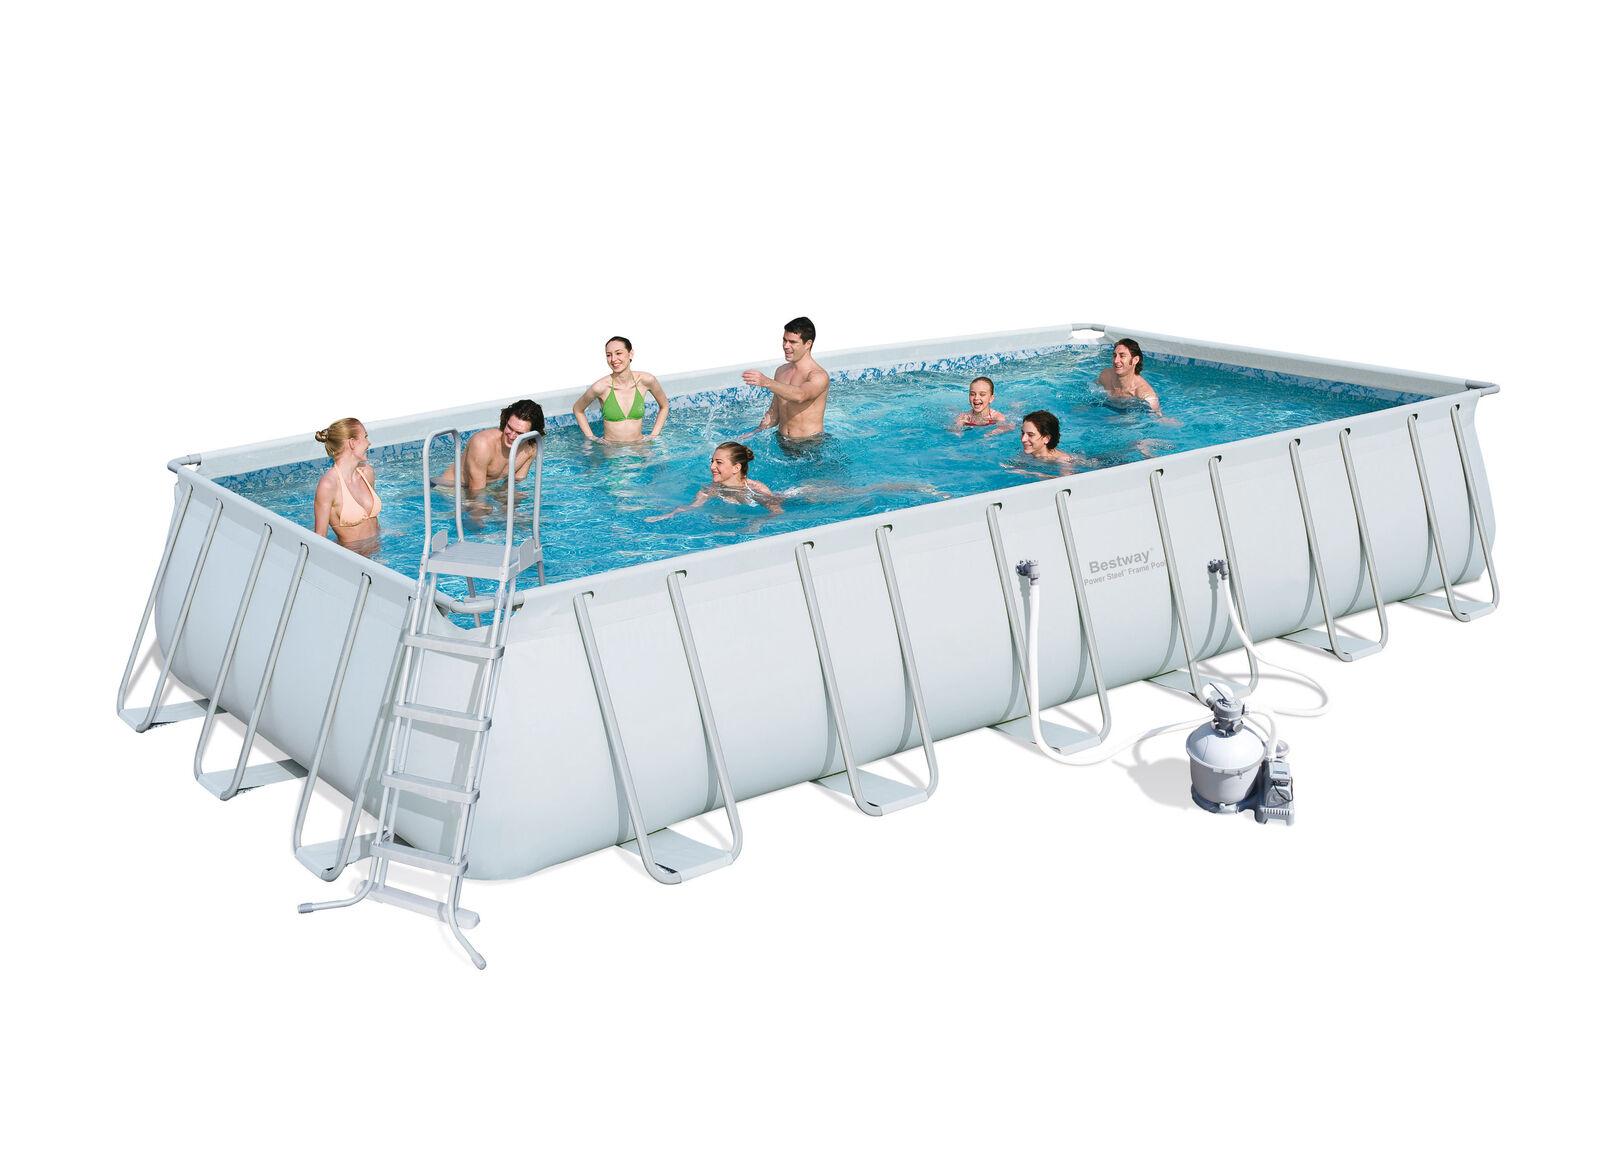 Bestway 56475 Pool Cm 732X366X132H With Frame Pump Filter Ladder 30,045 Lt concernant Piscine Hors Sol Composite